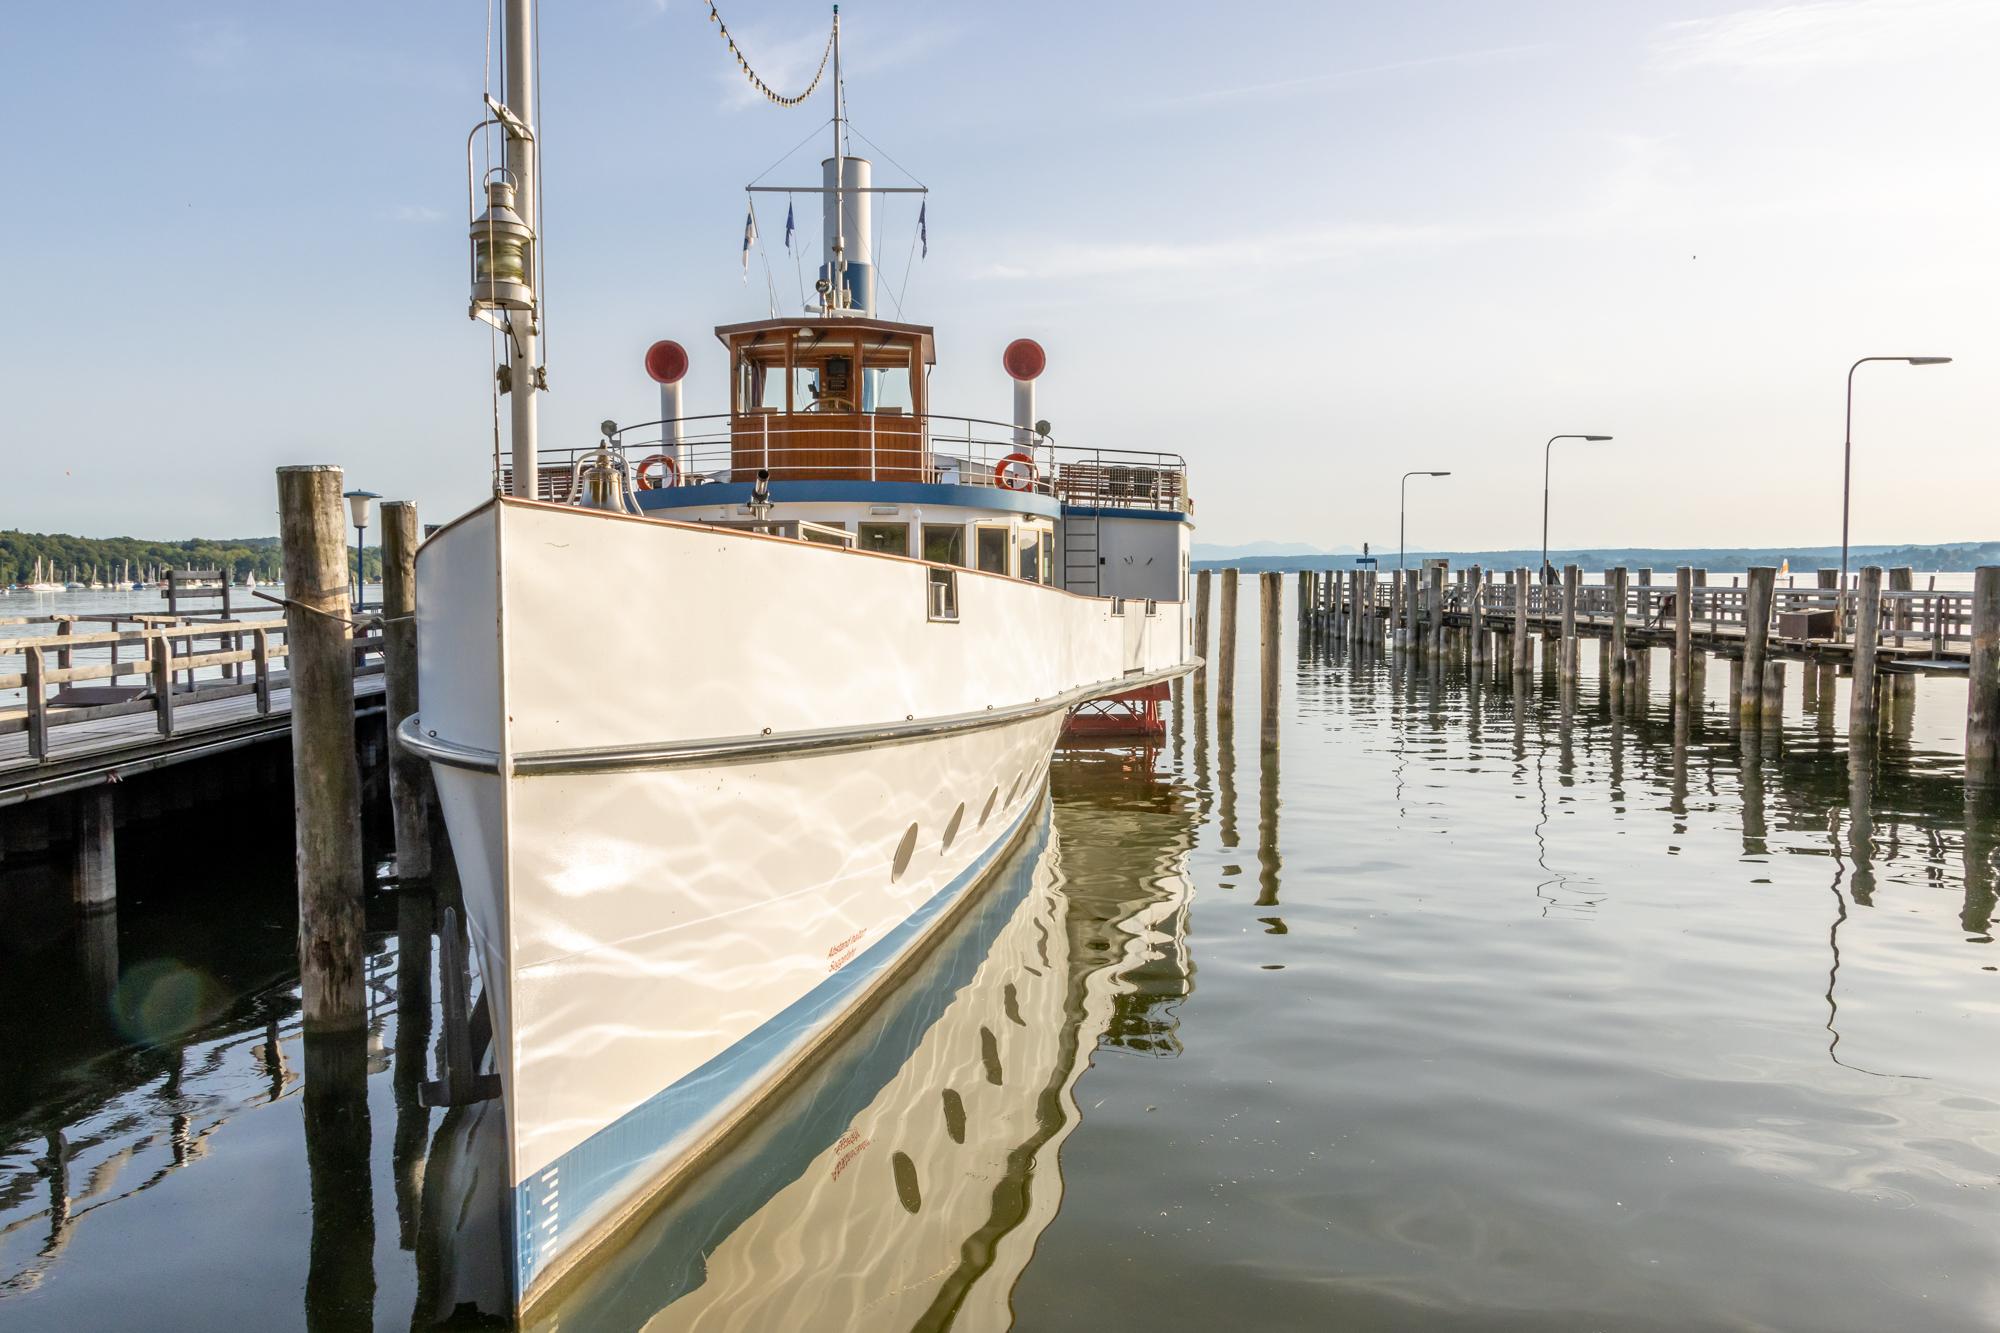 """Das Radmotorschiff (bekannt als Raddampfer) """"Diessen"""" auf dem Ammersee"""